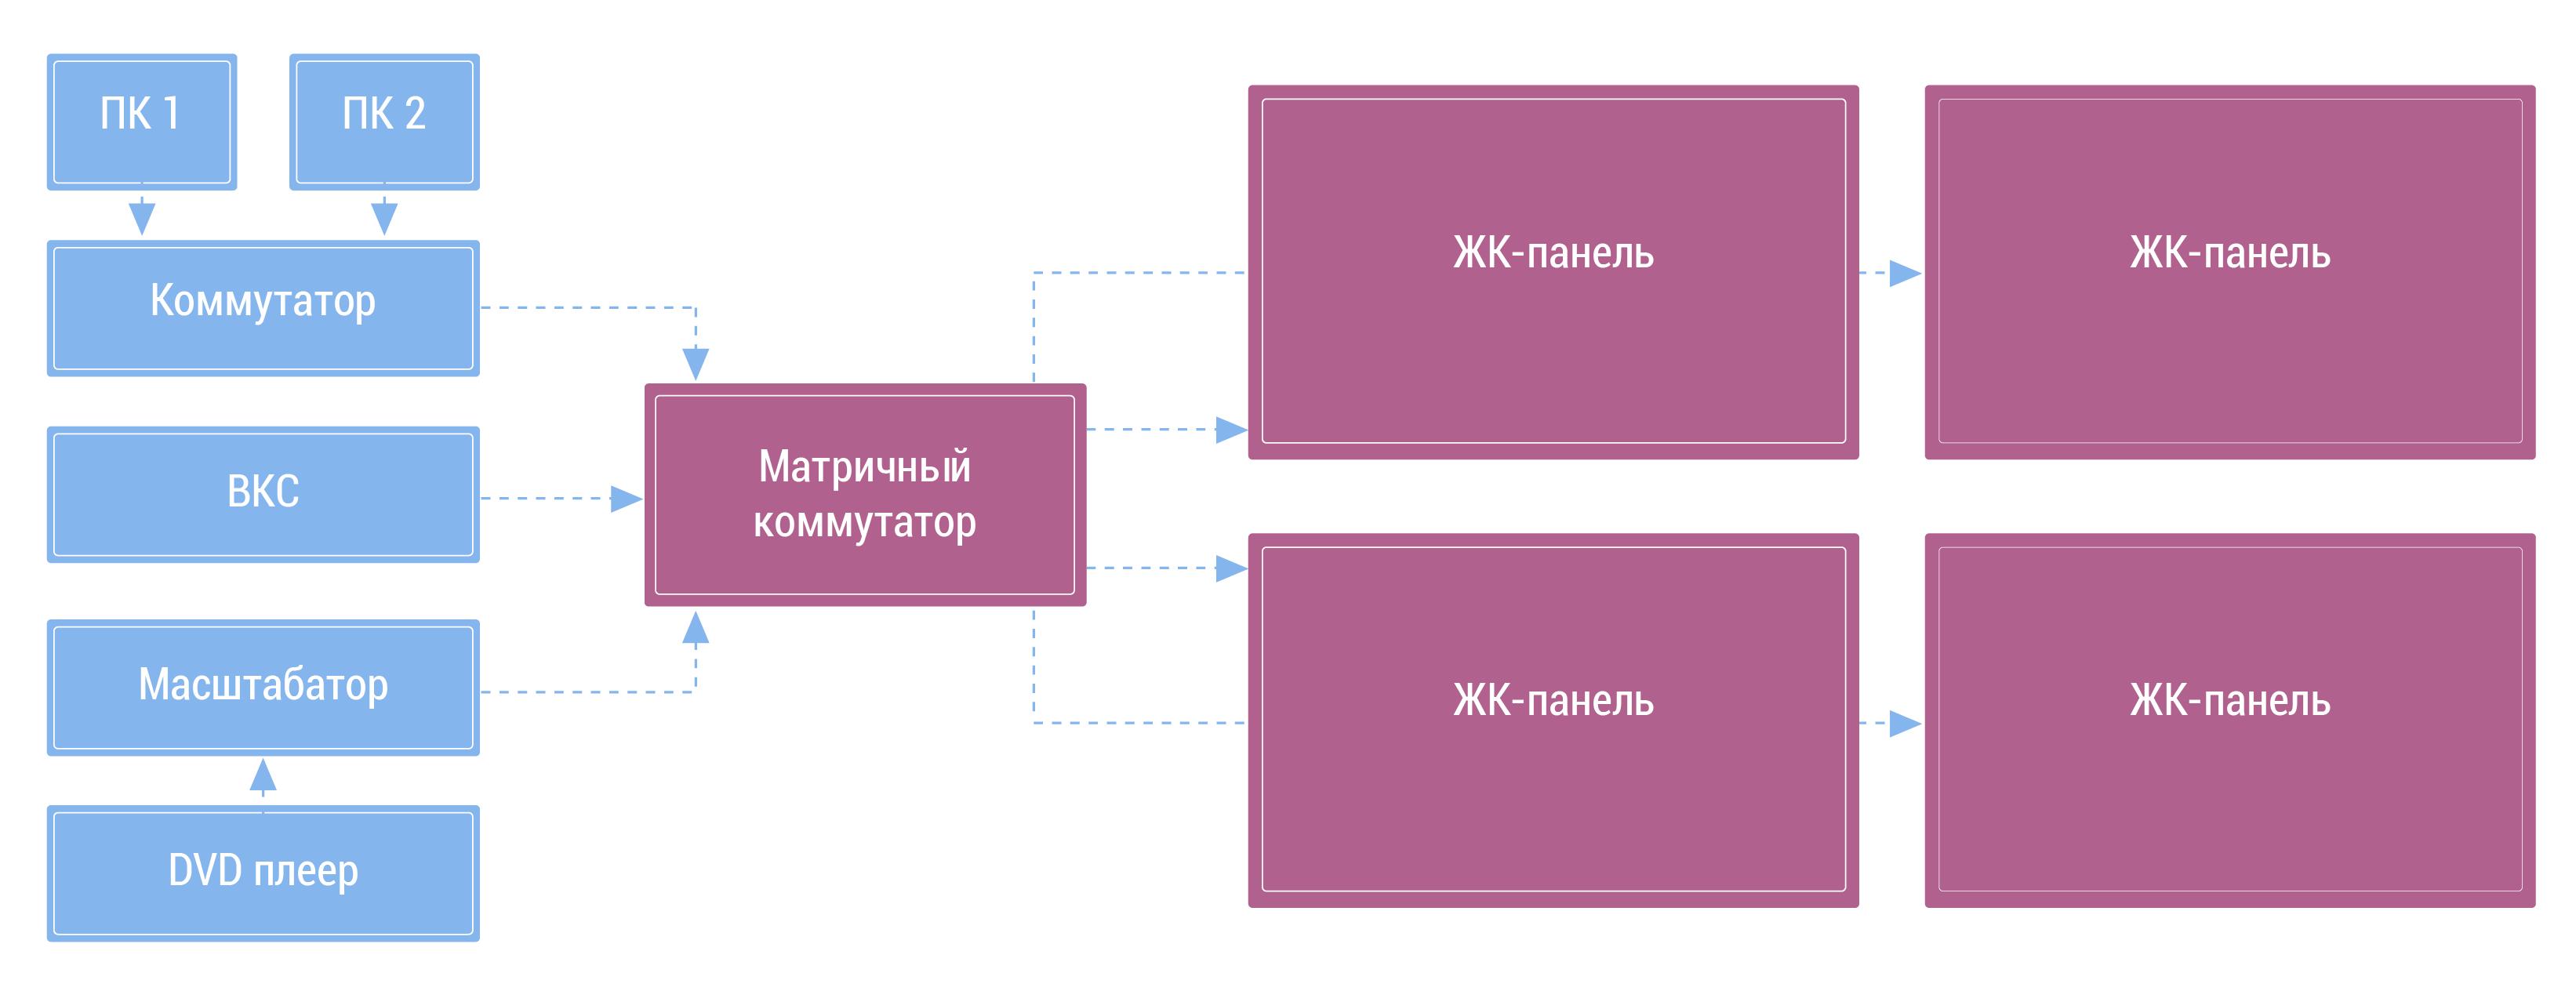 схема коммутатора входных сигналов